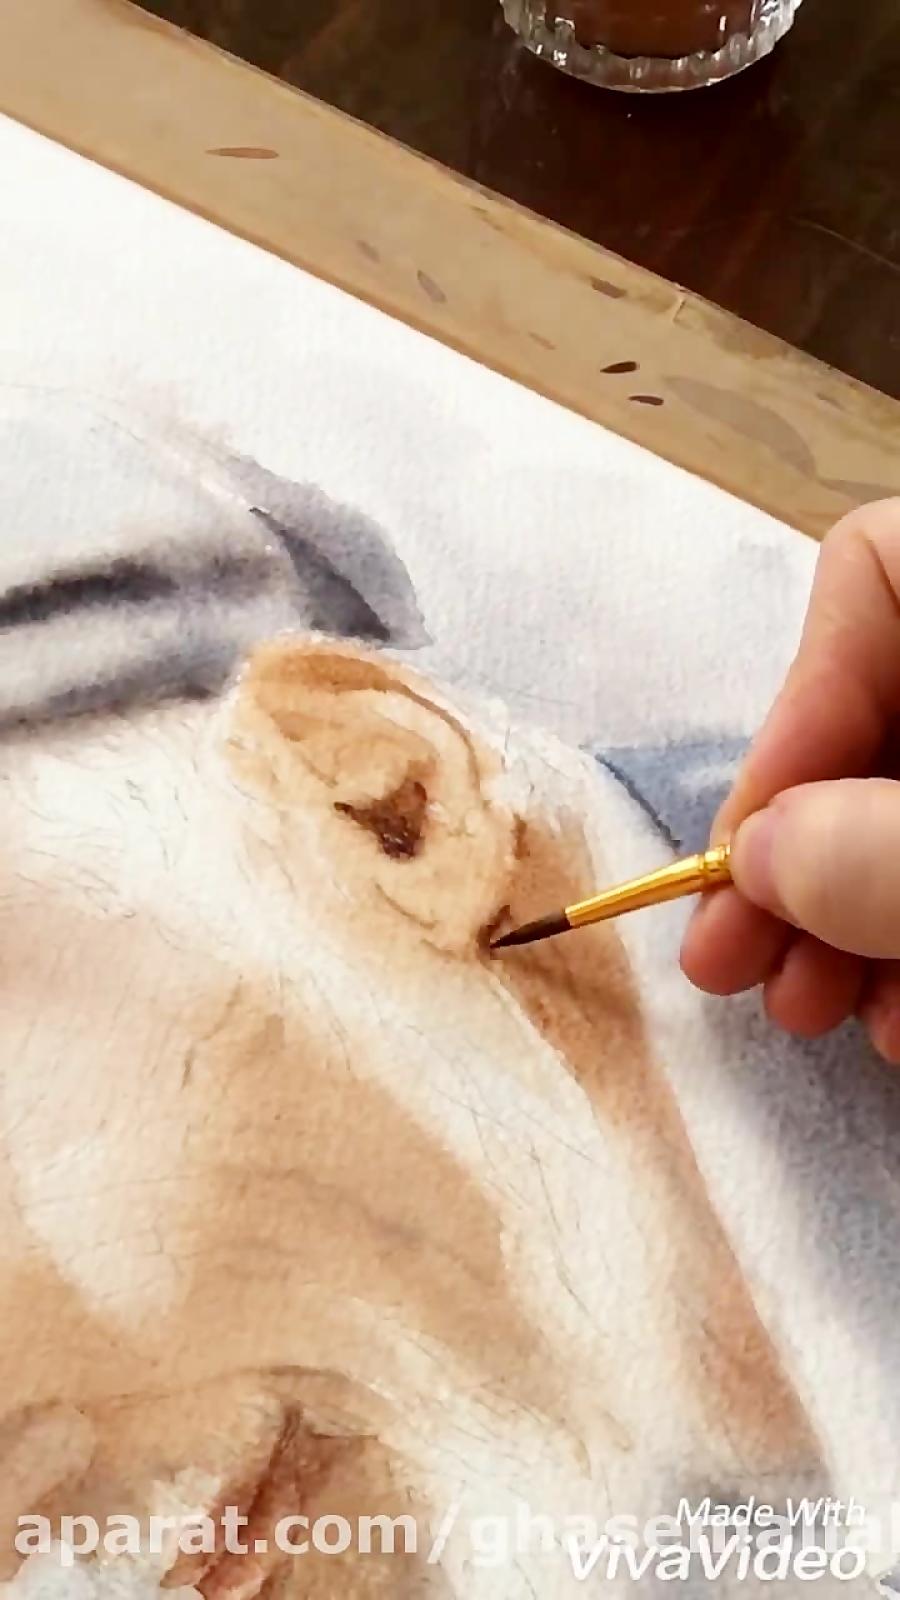 آموزش نقاشی با آبرنگ (معصومه ترکمان) 2